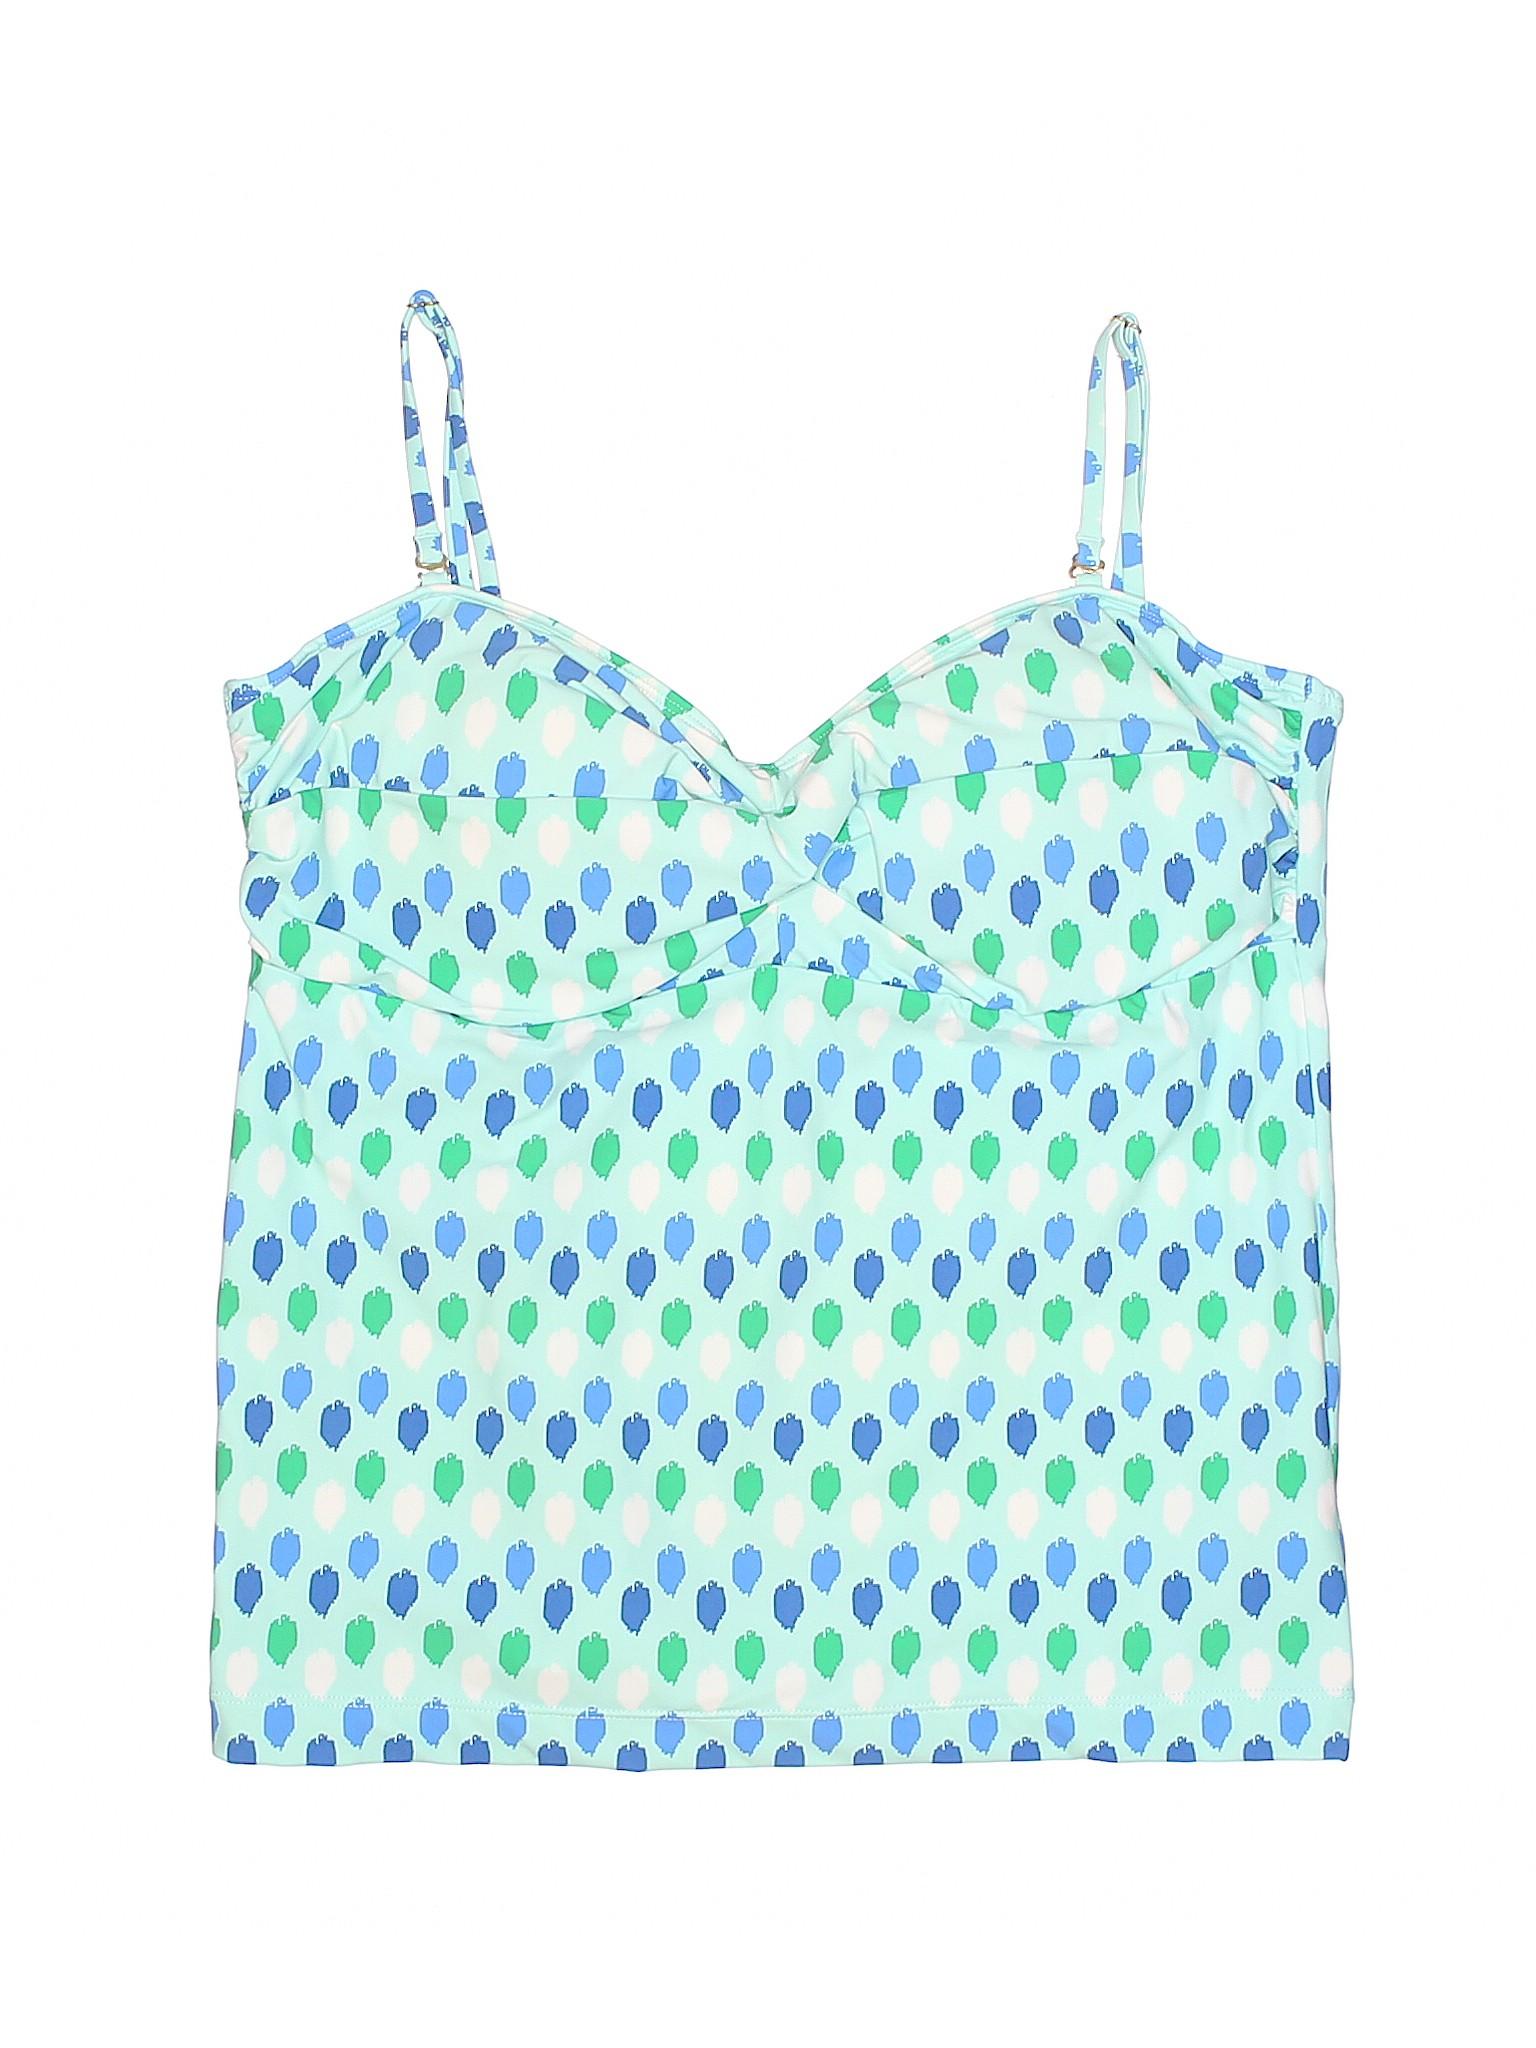 Swimsuit Boutique Boutique Vineyard Vines Top Vineyard xIFROIq8